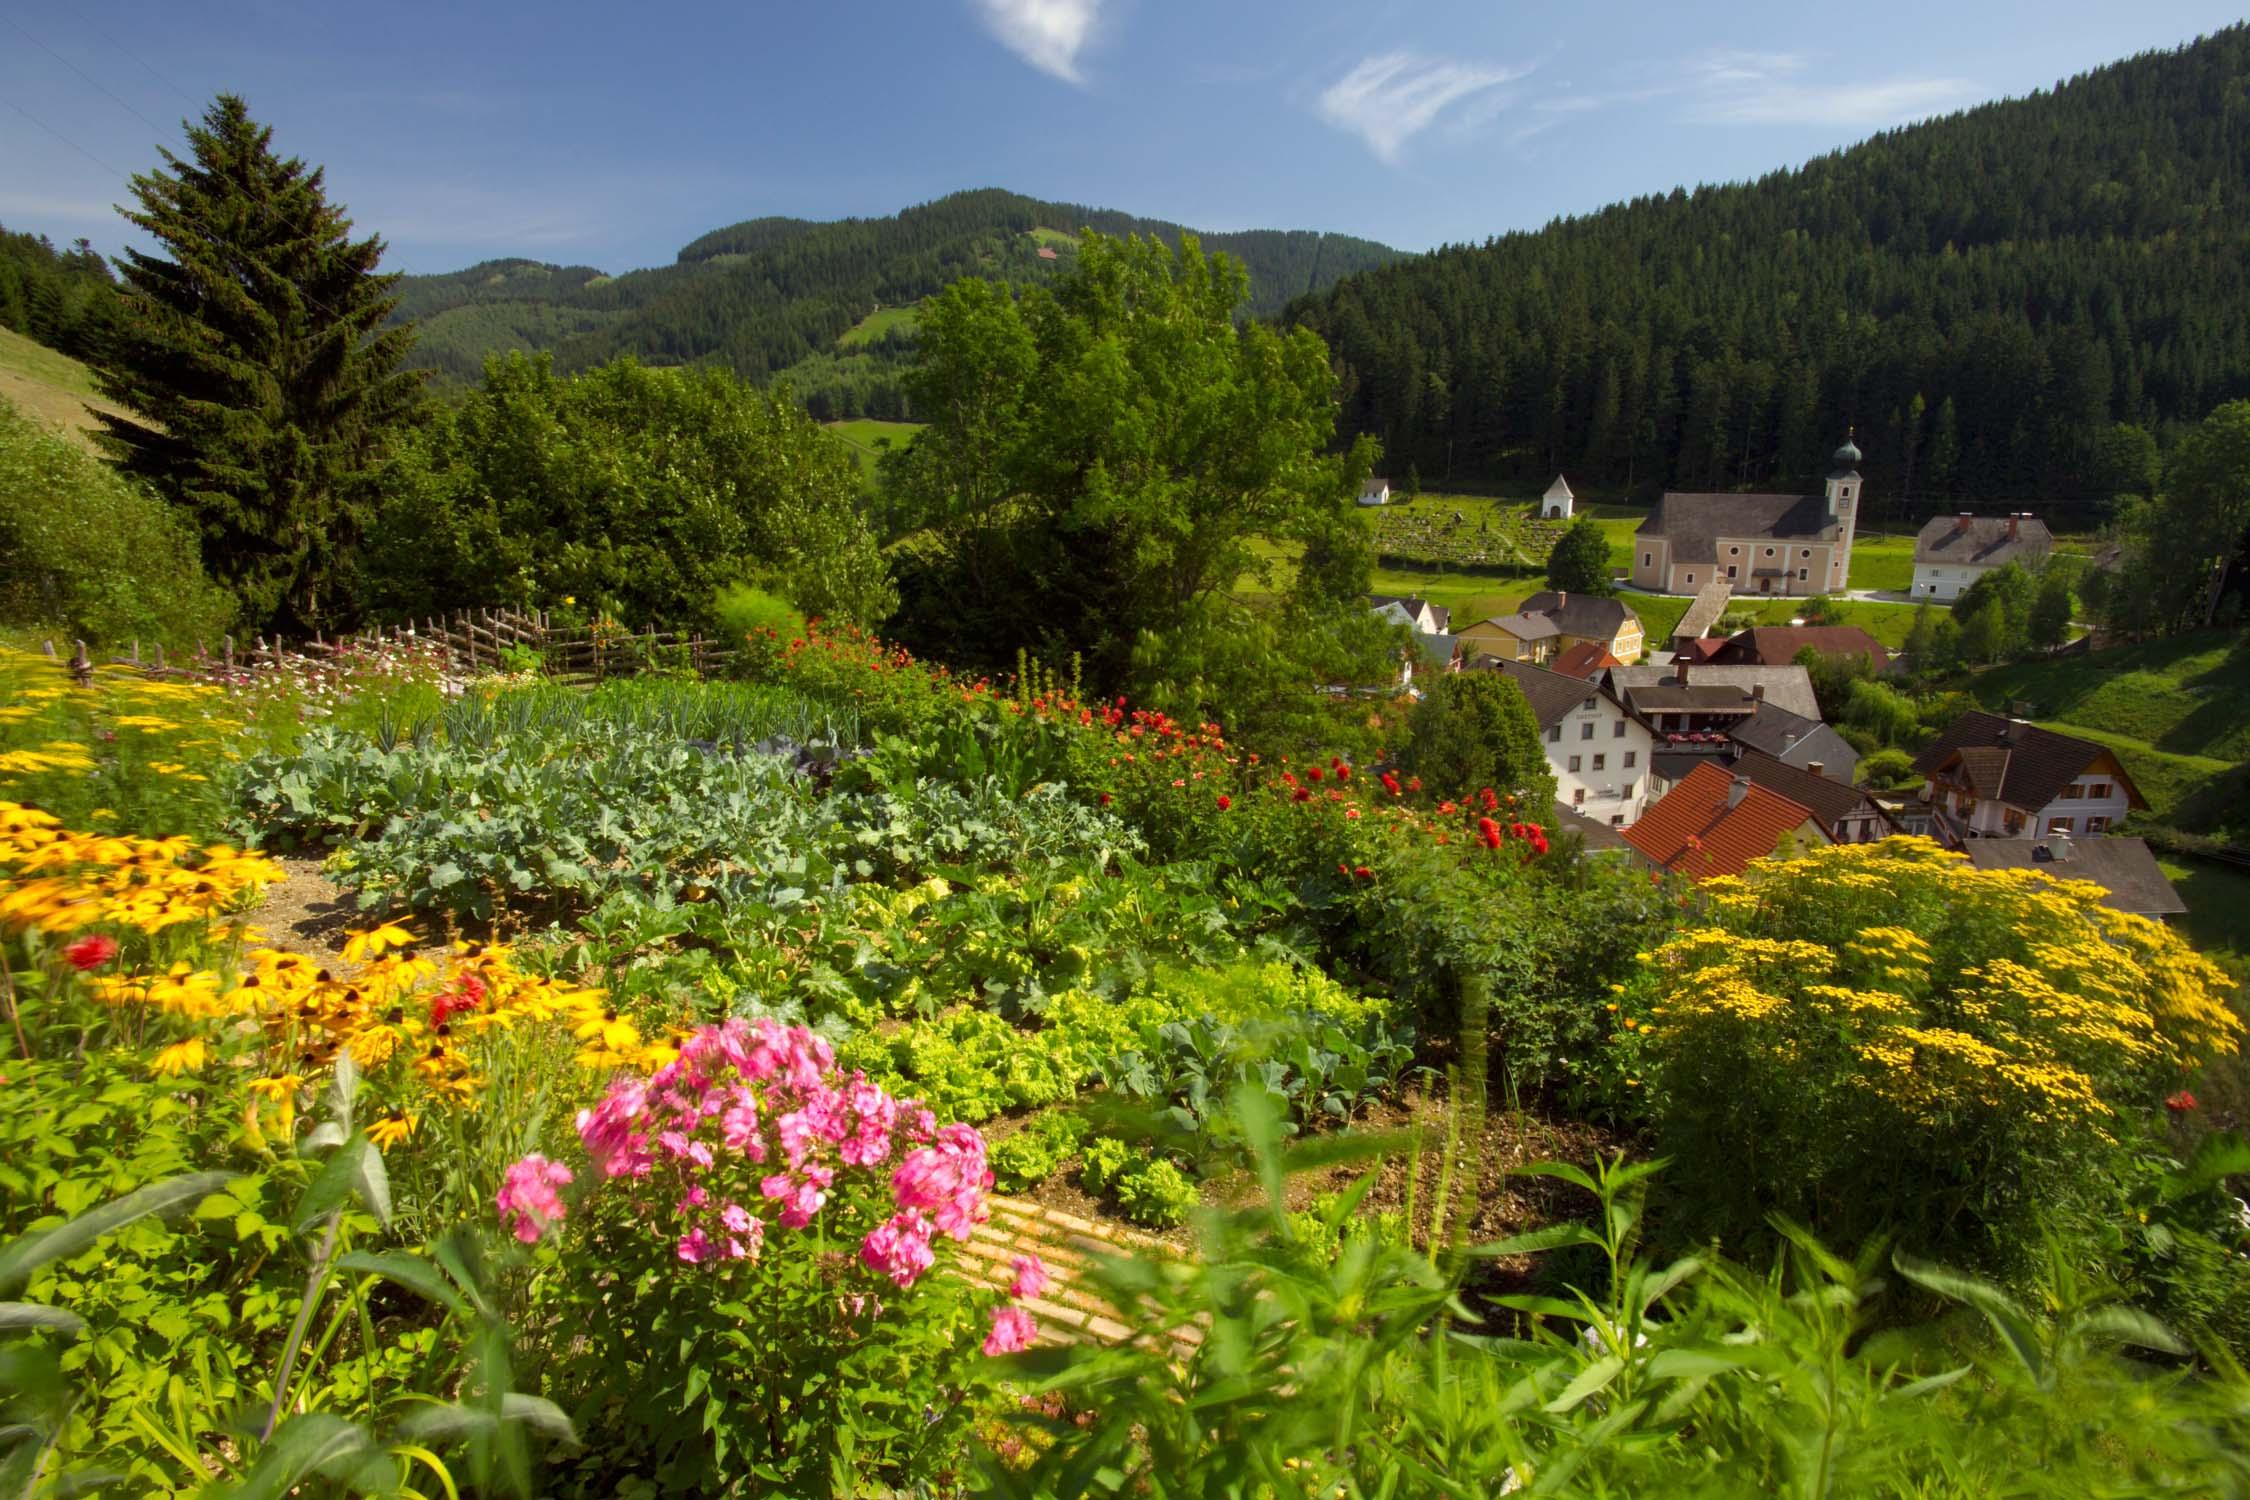 Garten Gasen Almenland (c) B. Bergmann